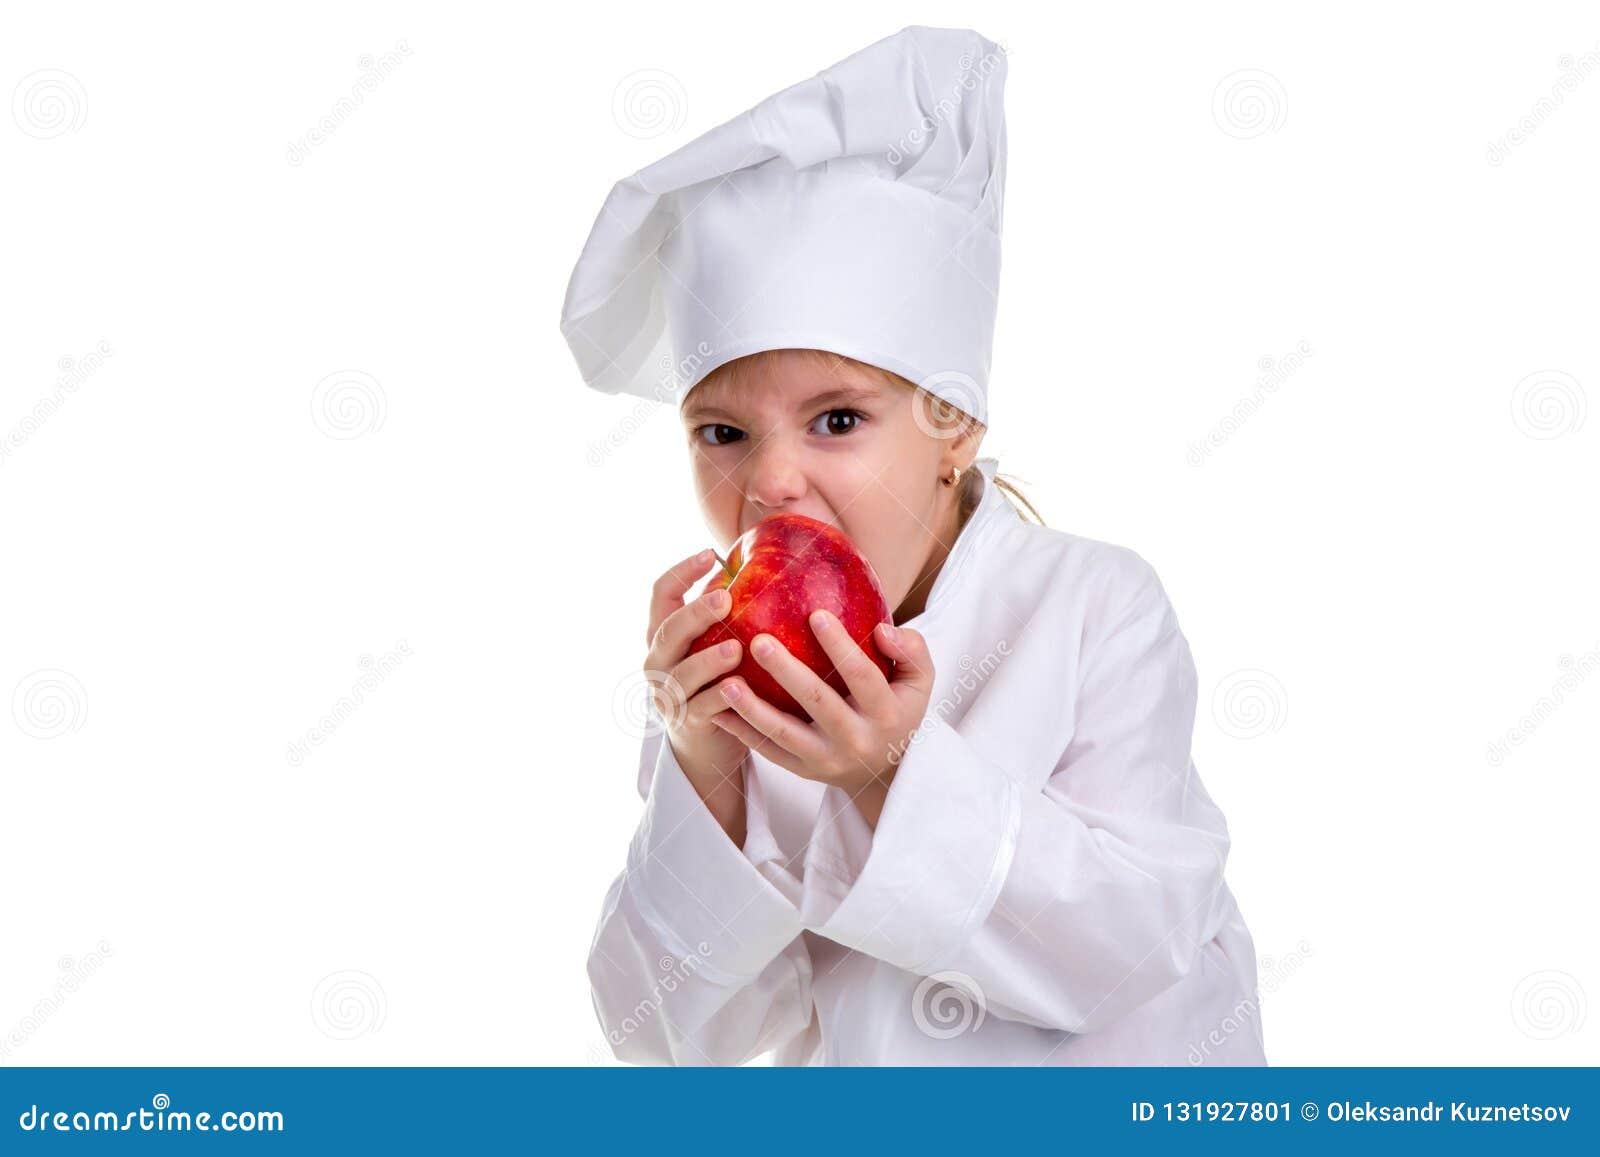 Κορίτσι αρχιμαγείρων σε έναν μάγειρα ΚΑΠ ομοιόμορφο, δαγκώνοντας το κόκκινο μήλο Ανθρώπινες συγκινήσεις, συναίσθημα έκφρασης του